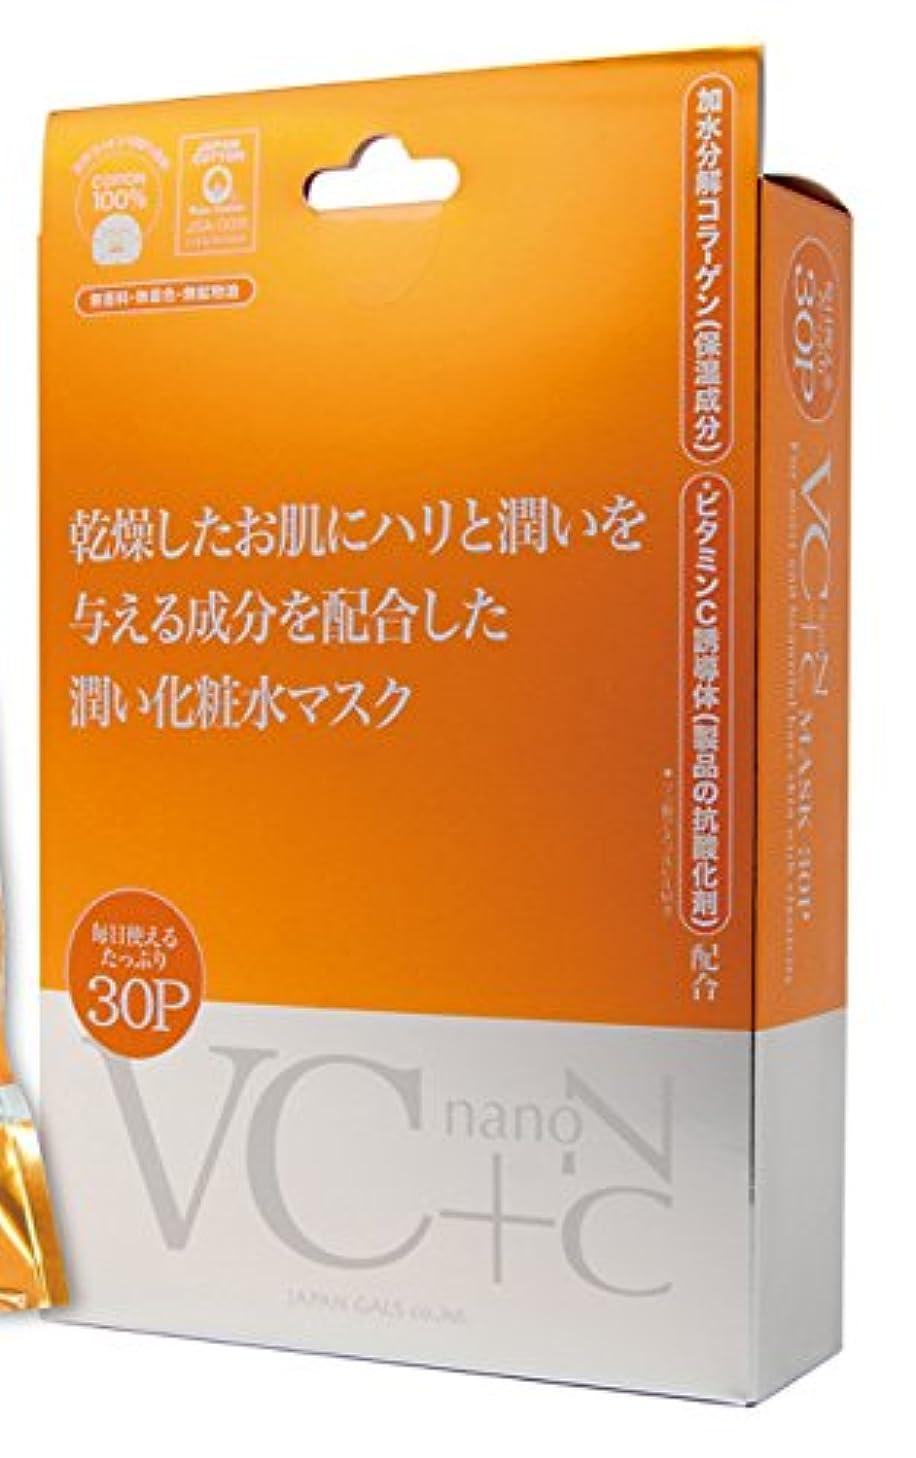 ジャパンギャルズ VC+nanoC(ブイシープラスナノシー) マスク30P